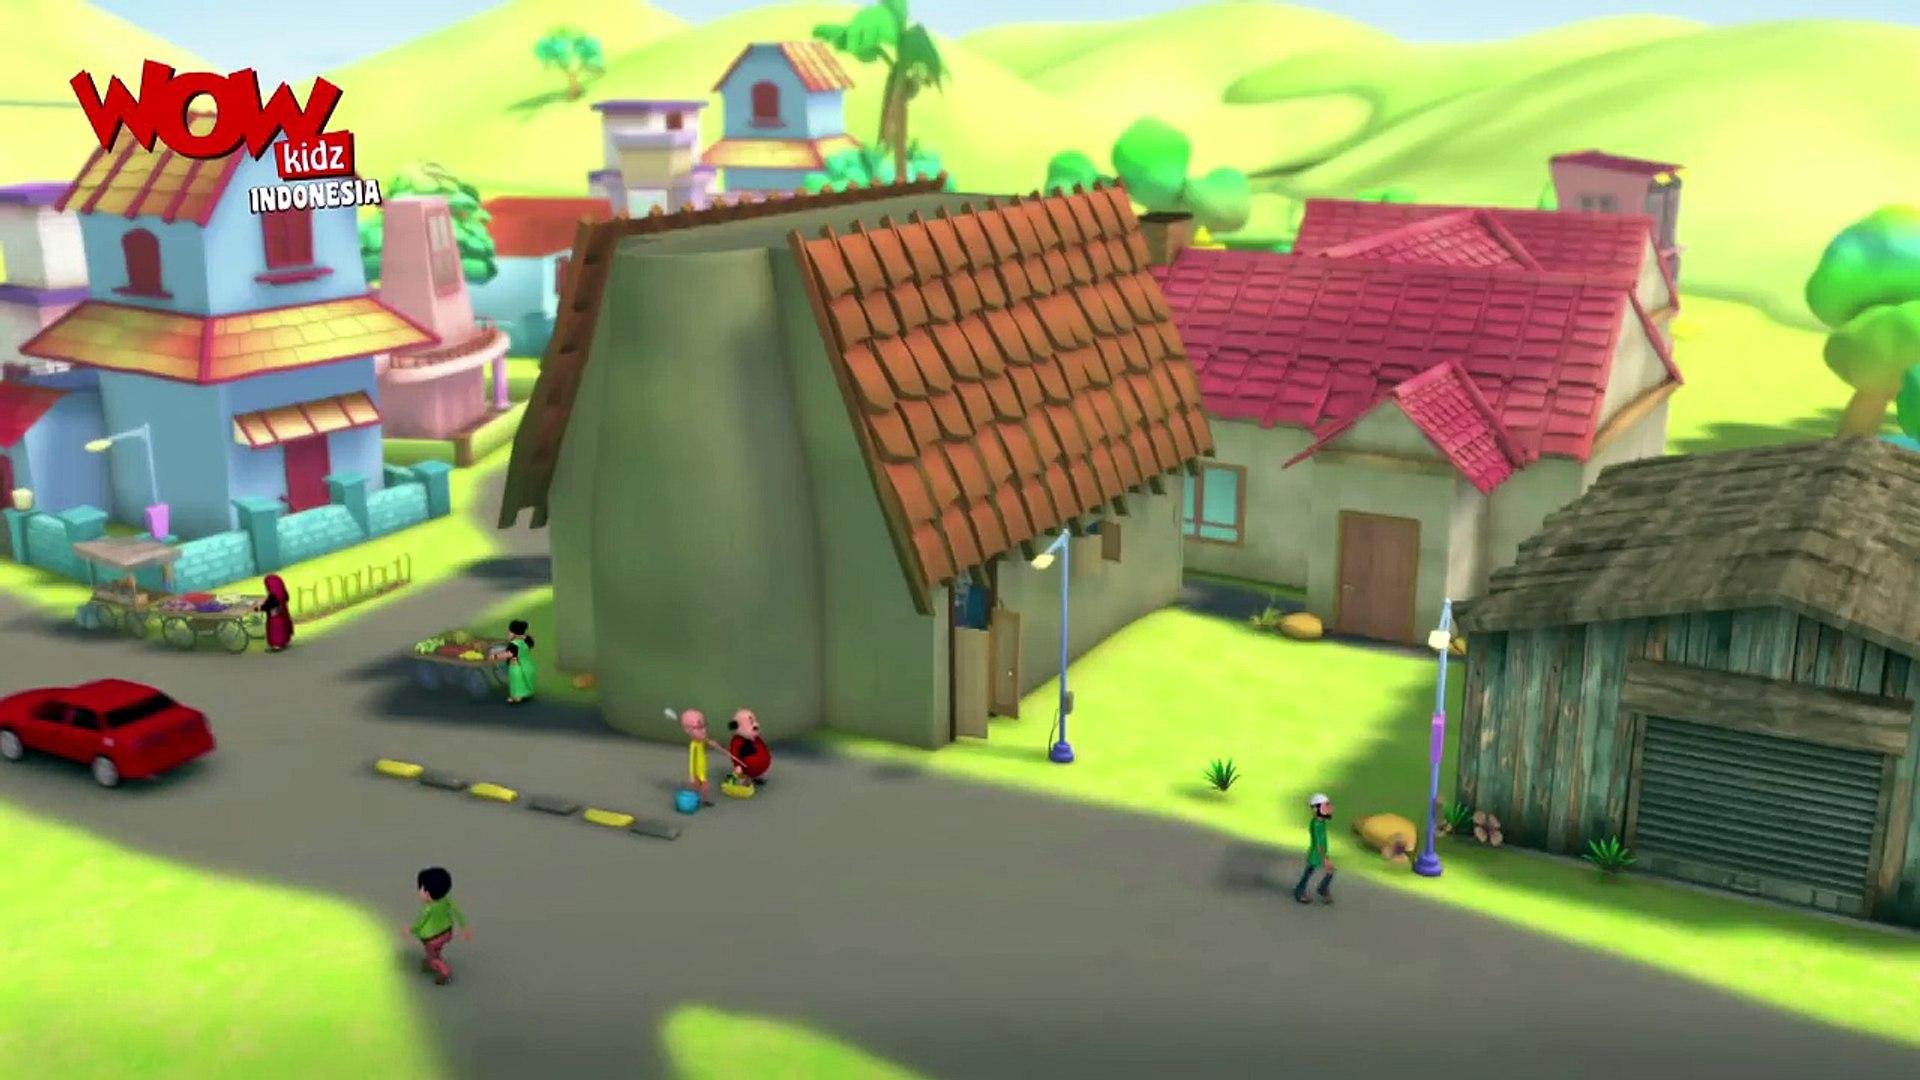 83 Koleksi Gambar Animasi Membersihkan Rumah Gratis